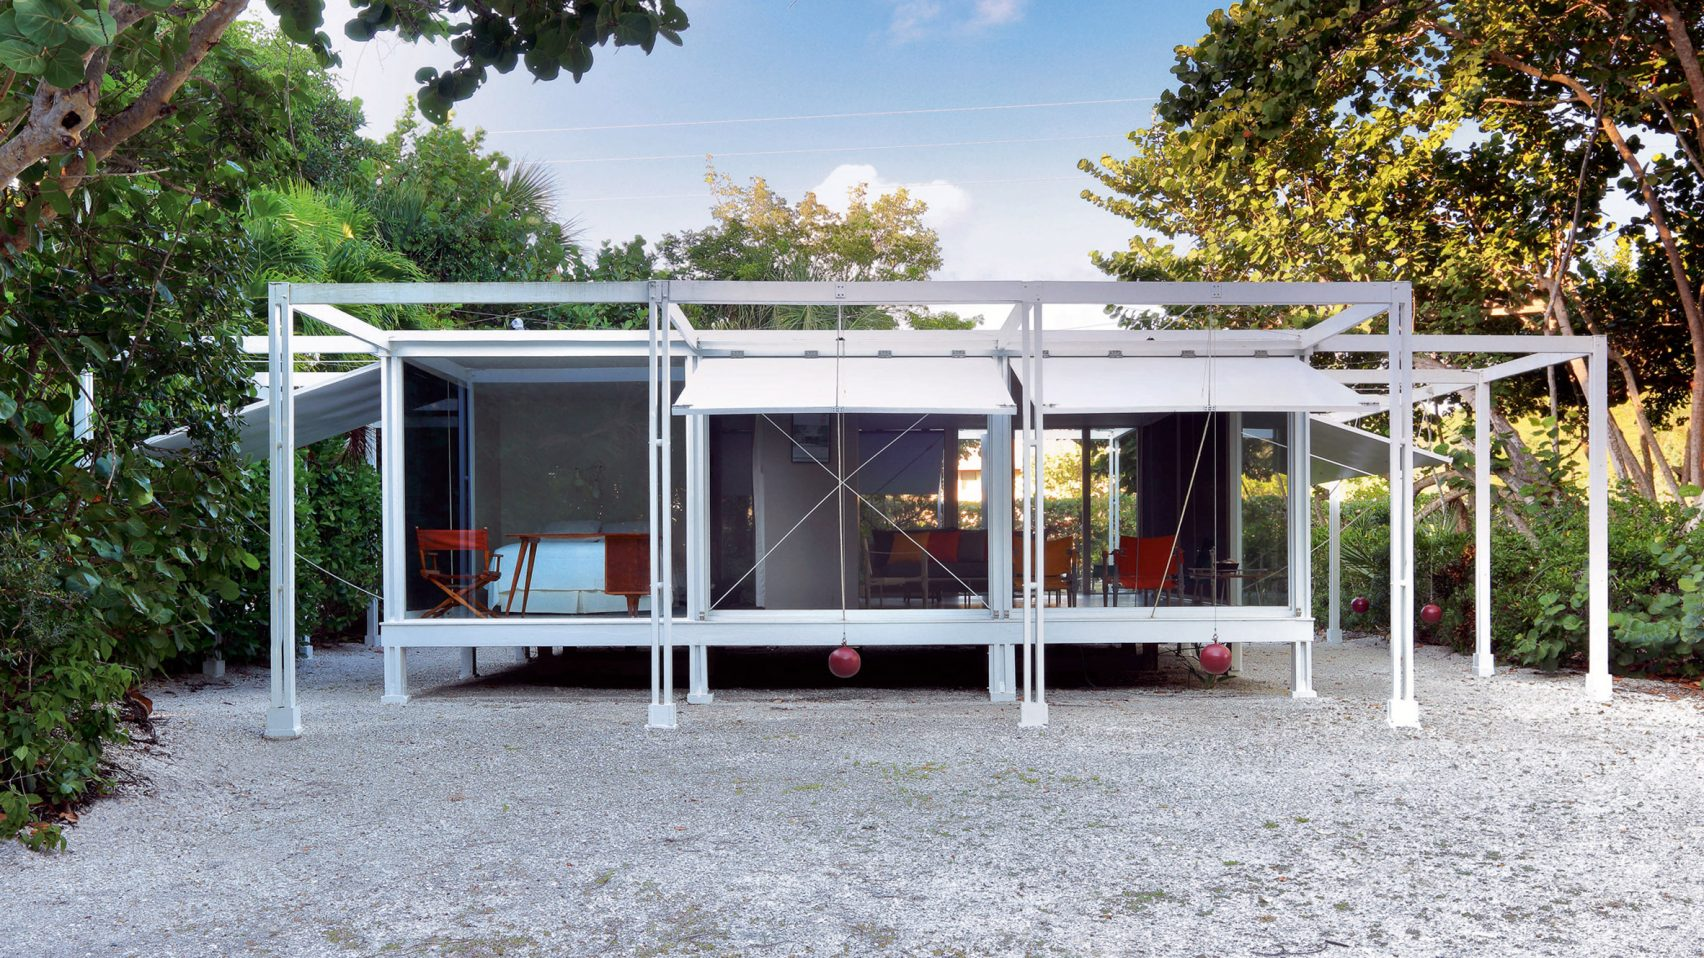 Walker Guest House, Paul Rudolph  / Dezeen